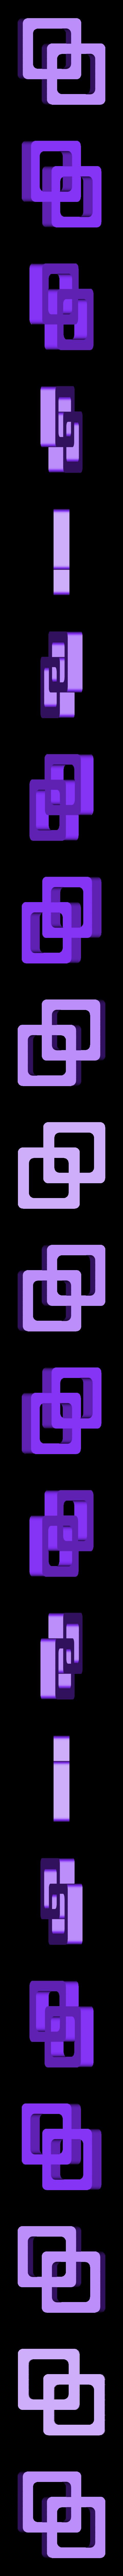 squares.stl Télécharger fichier STL gratuit small boxes with coloured insert • Plan pour impression 3D, cyrus